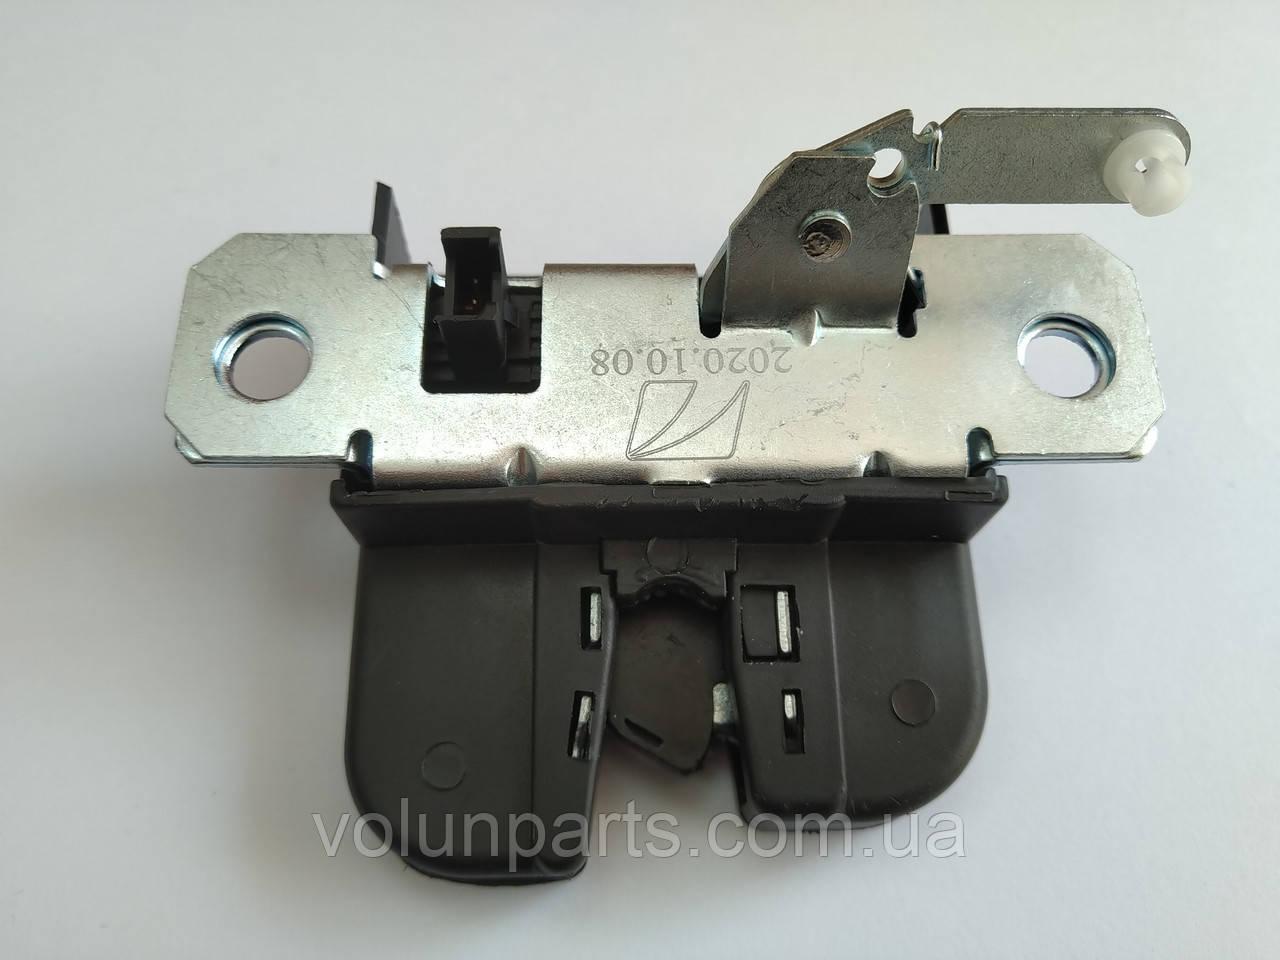 Замок кришки багажника VW PASSAT B5+ / POLO / BORA / GOLF 4 / CADDY 3  (Polcar)